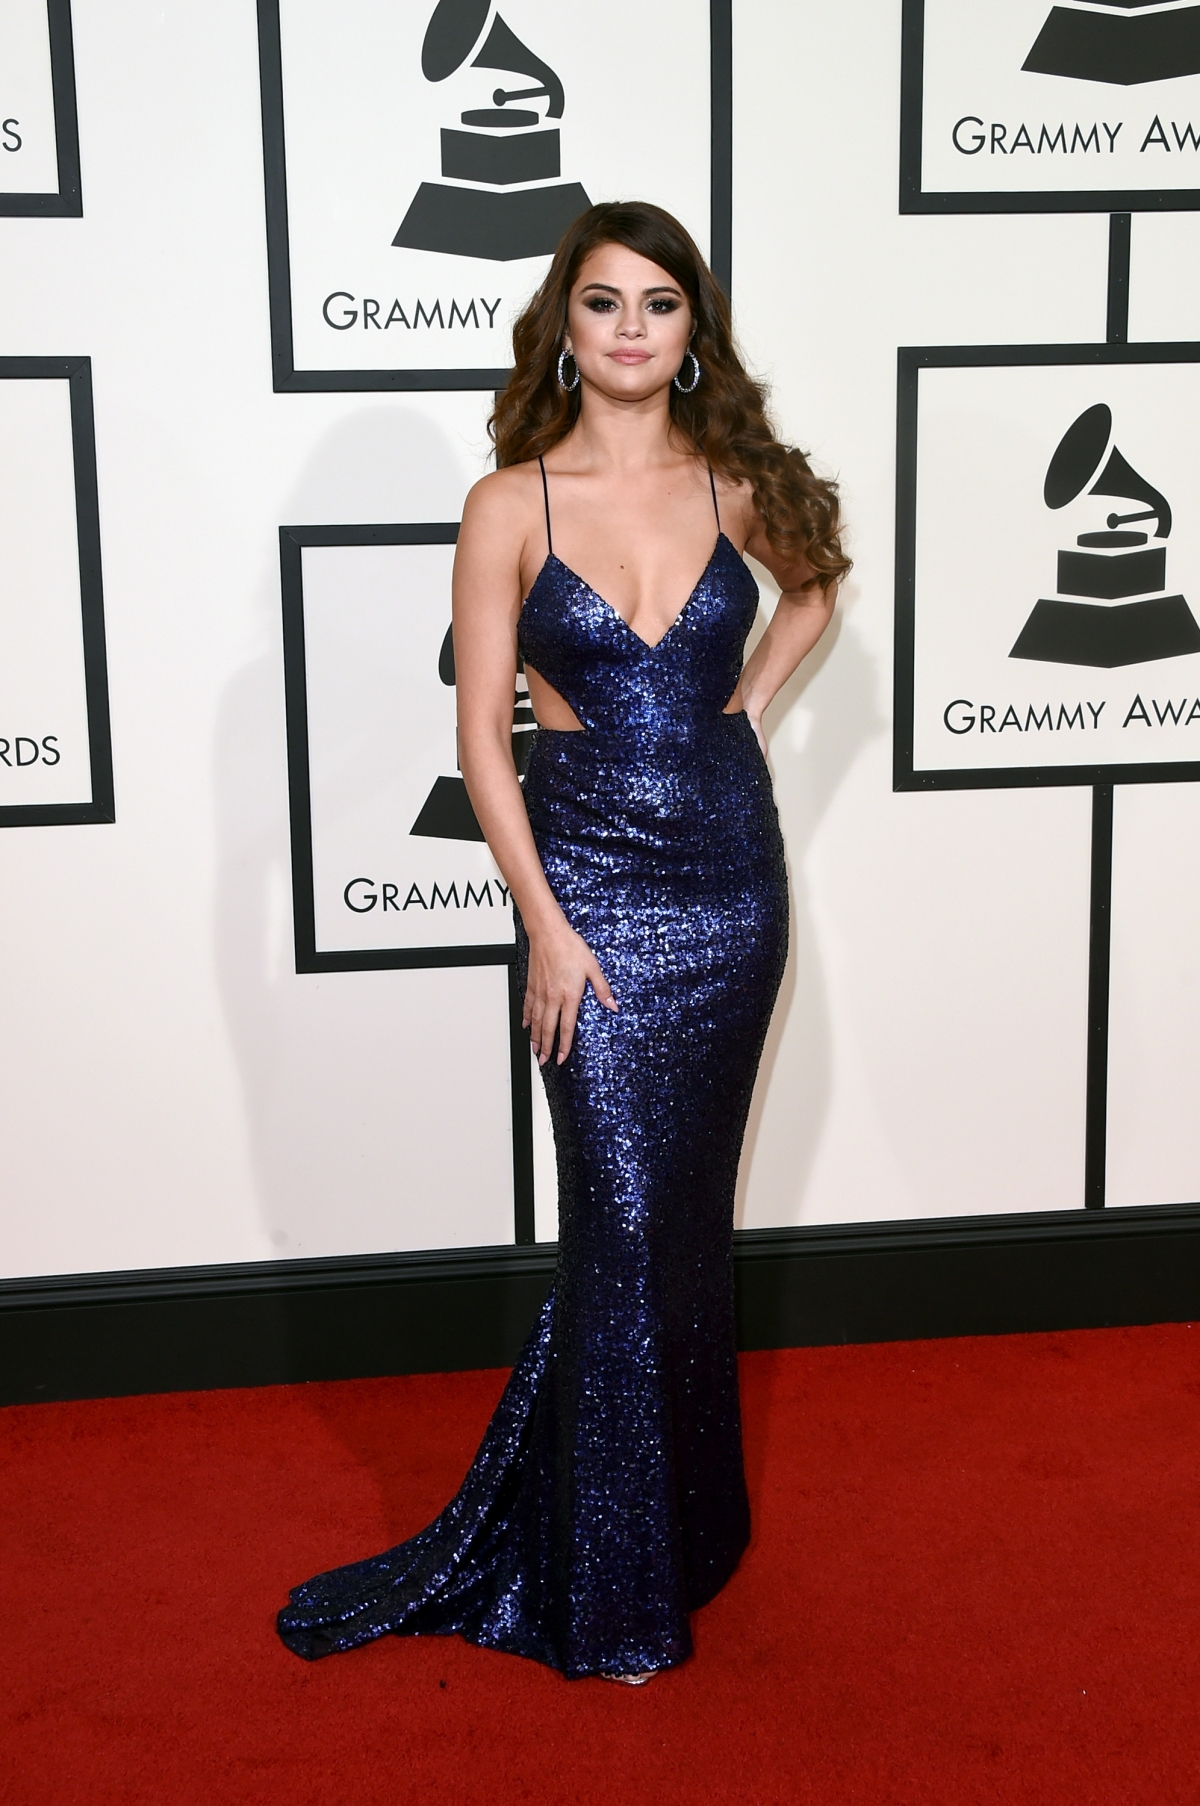 Grammys 2016